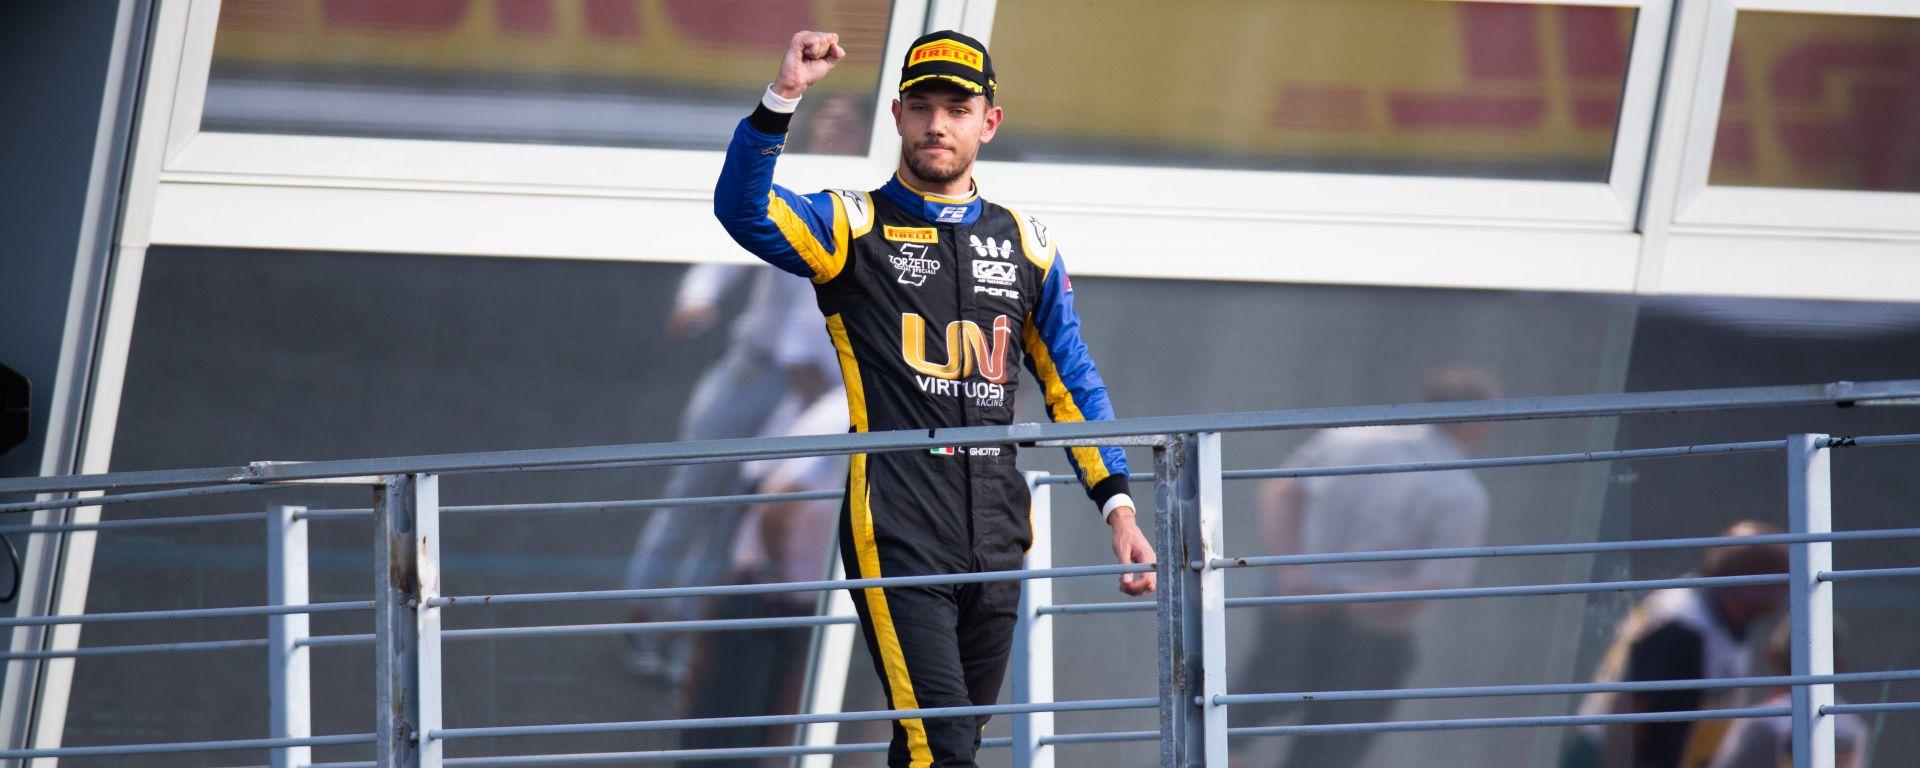 Fia F2 2019, Monza: Luca Ghiotto